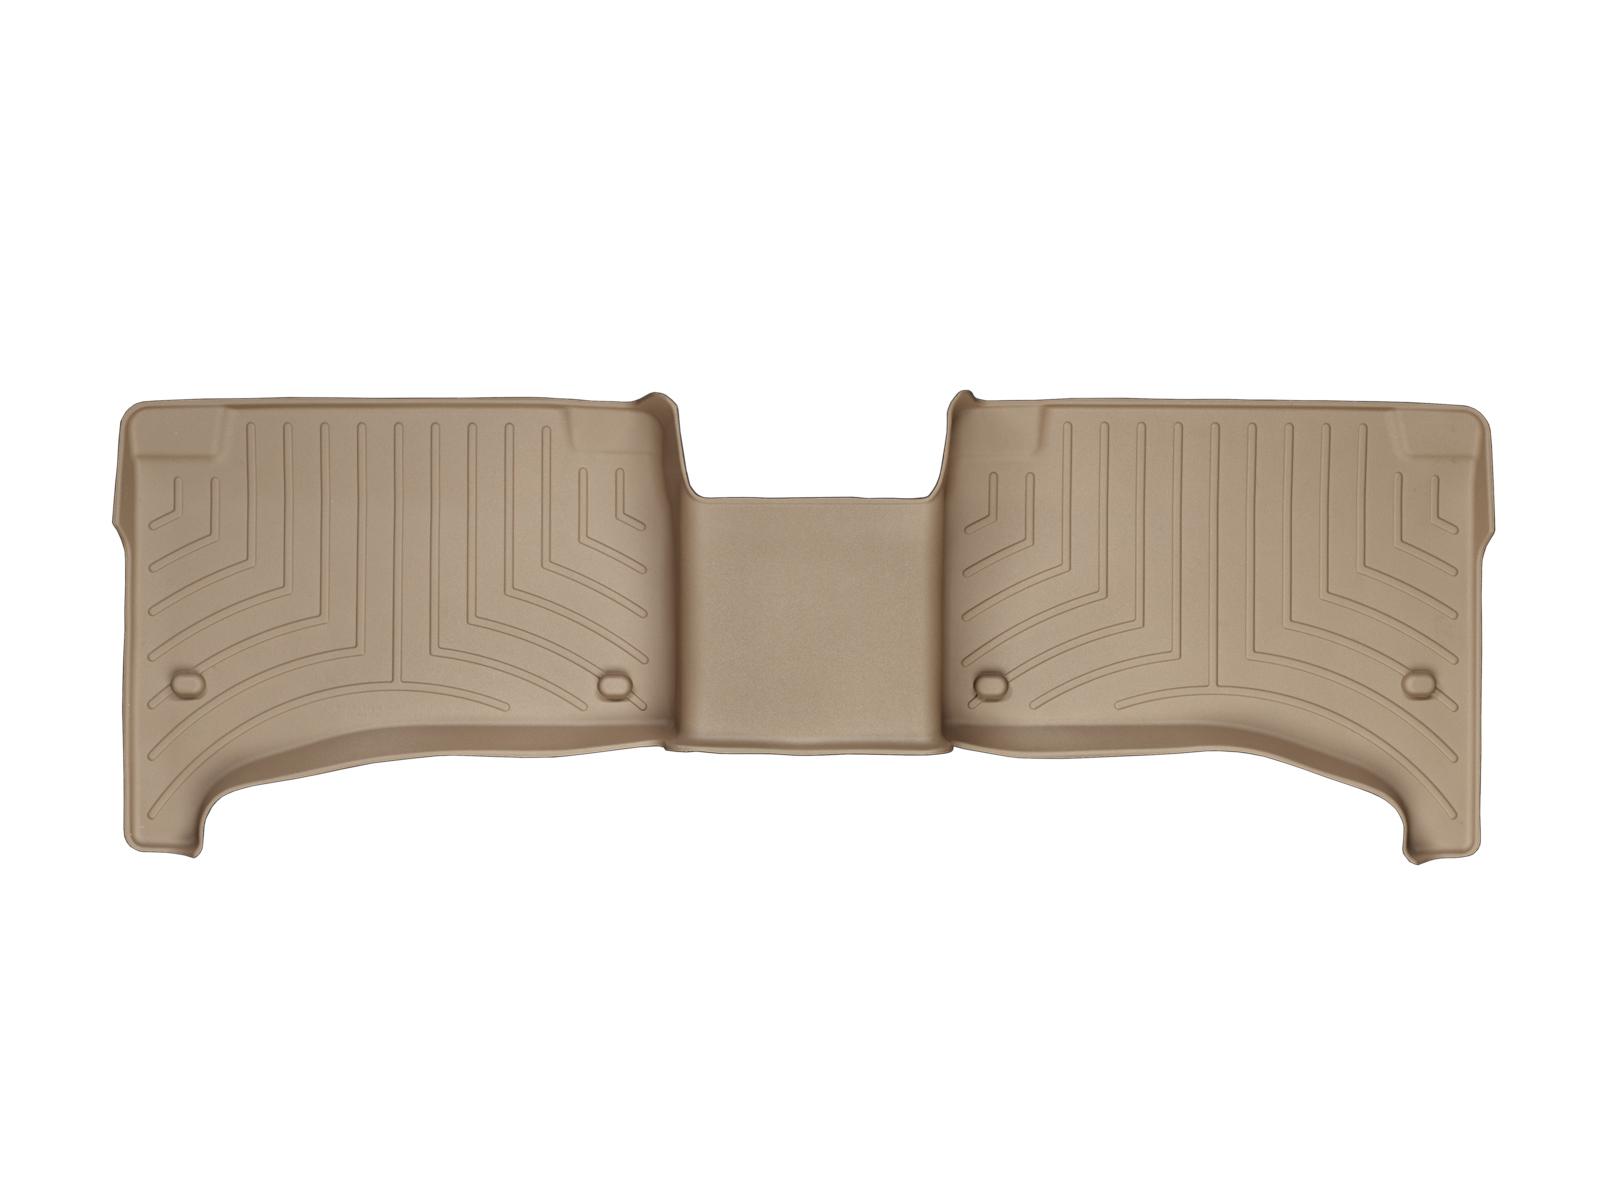 Tappeti gomma su misura bordo alto Volkswagen Touareg 09>09 Marrone A4306*